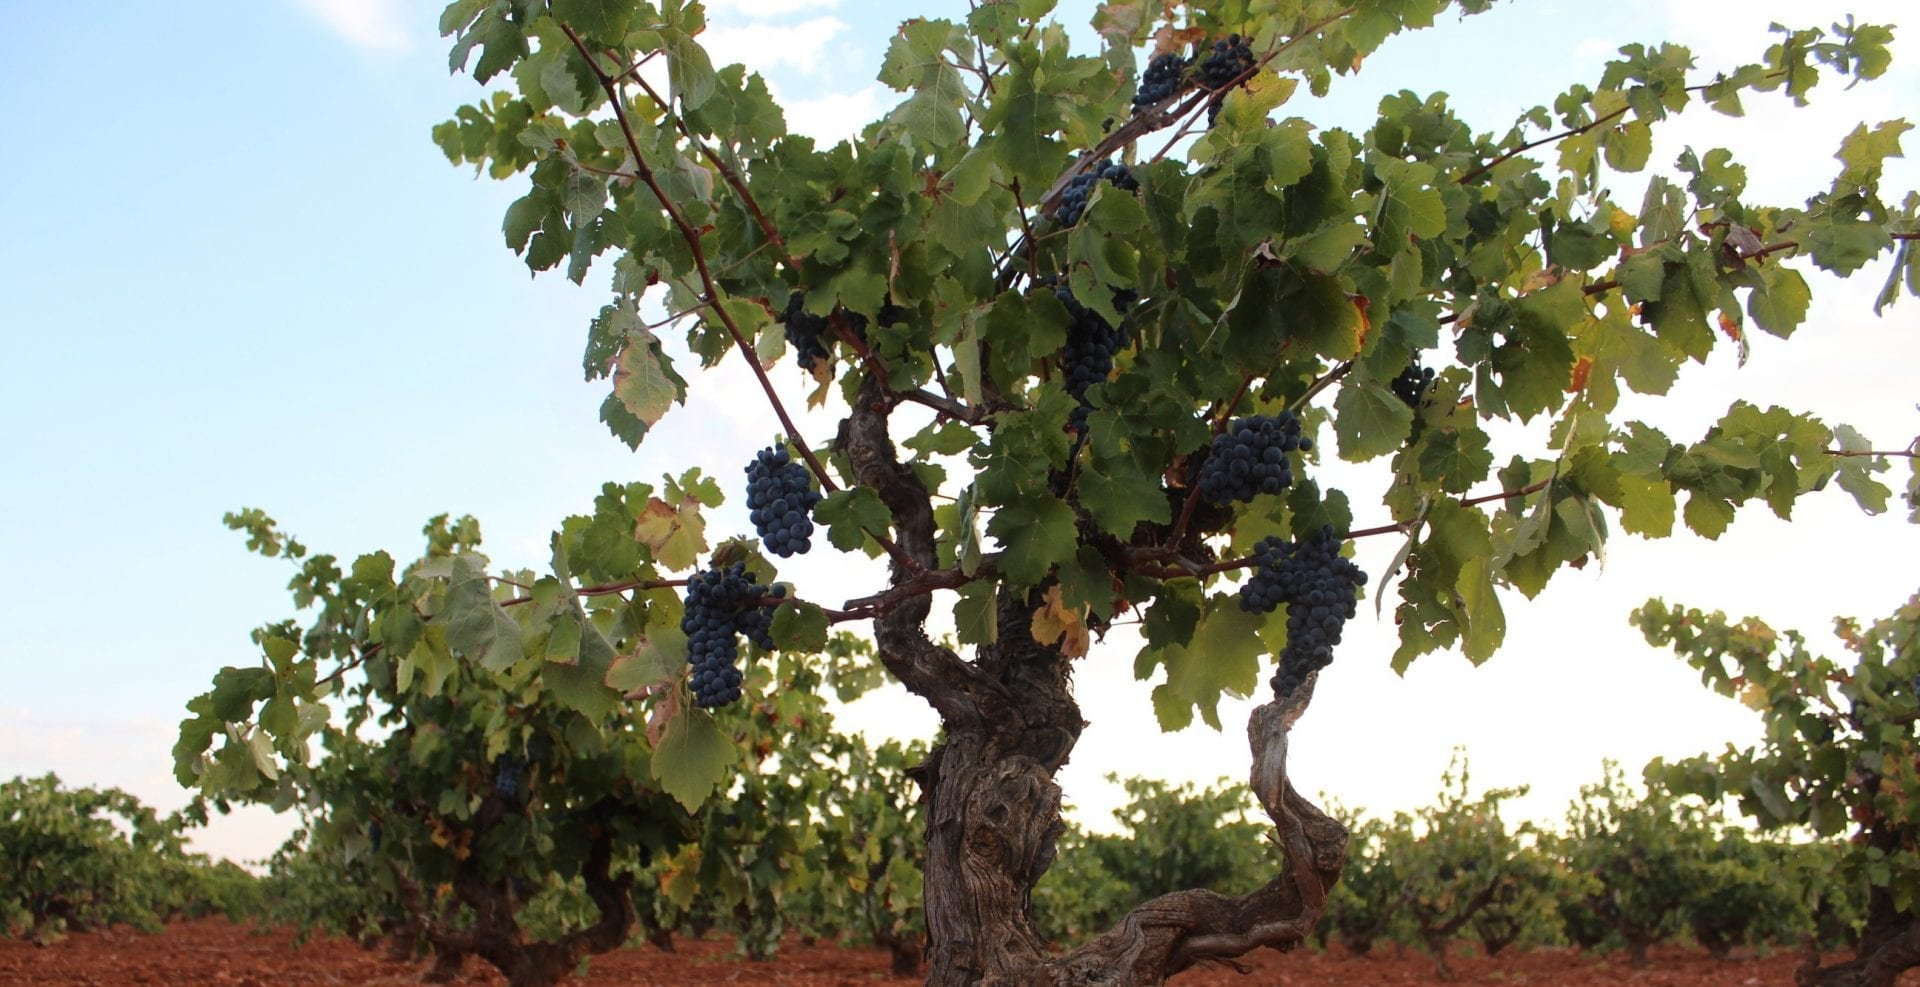 cepas-con-uvas